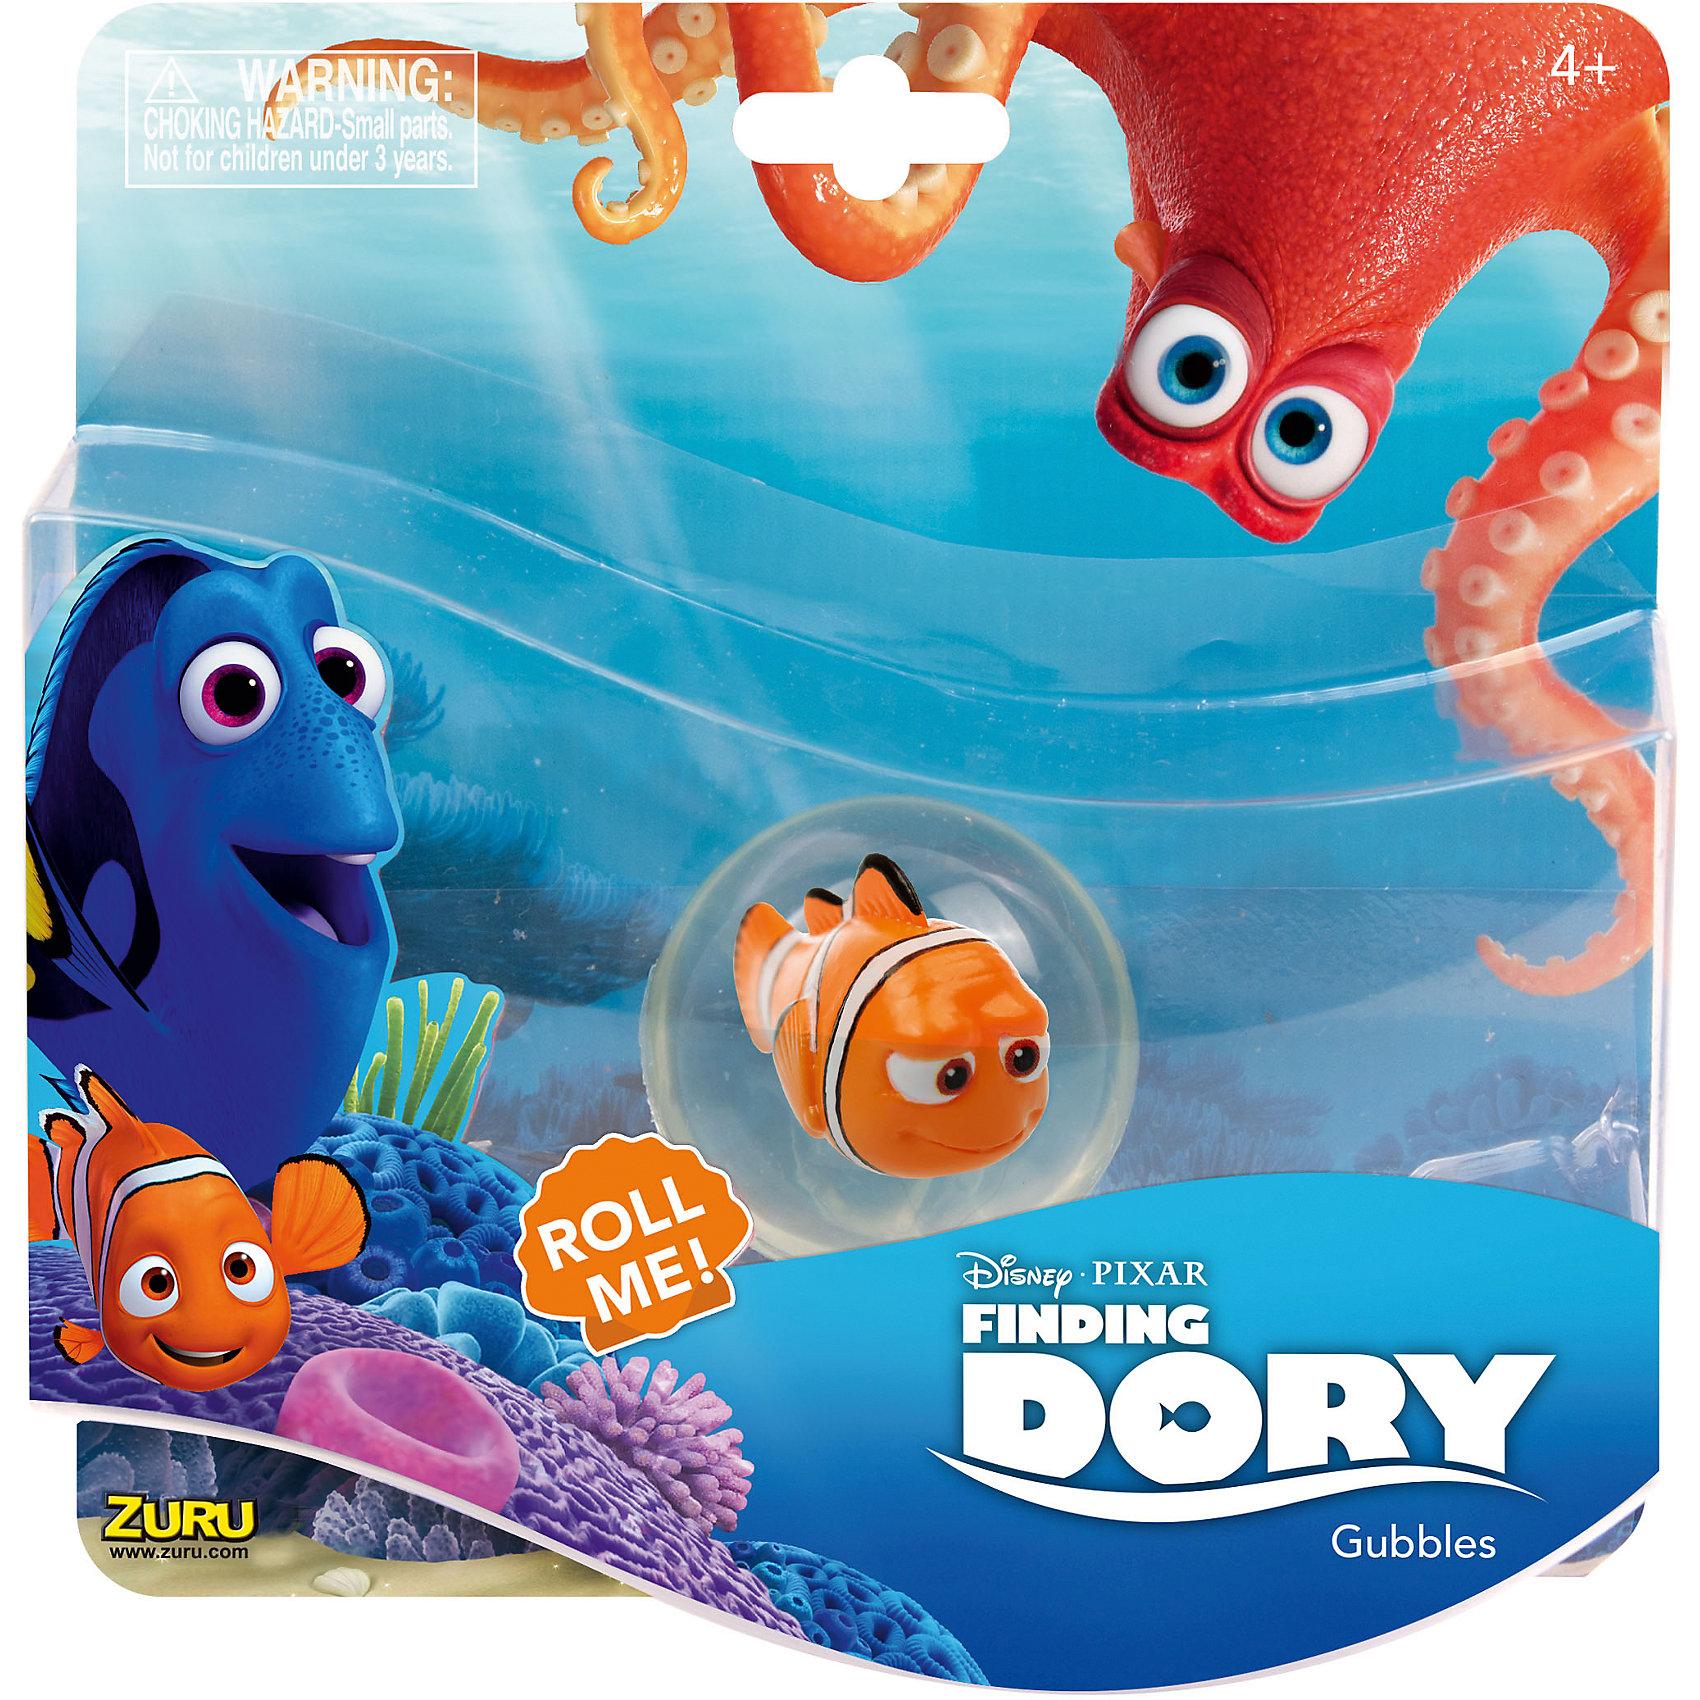 ZURU Марлин в водяном шарике, В поисках Дори, ZURU zuru роборыбка немо в поисках дори zuru